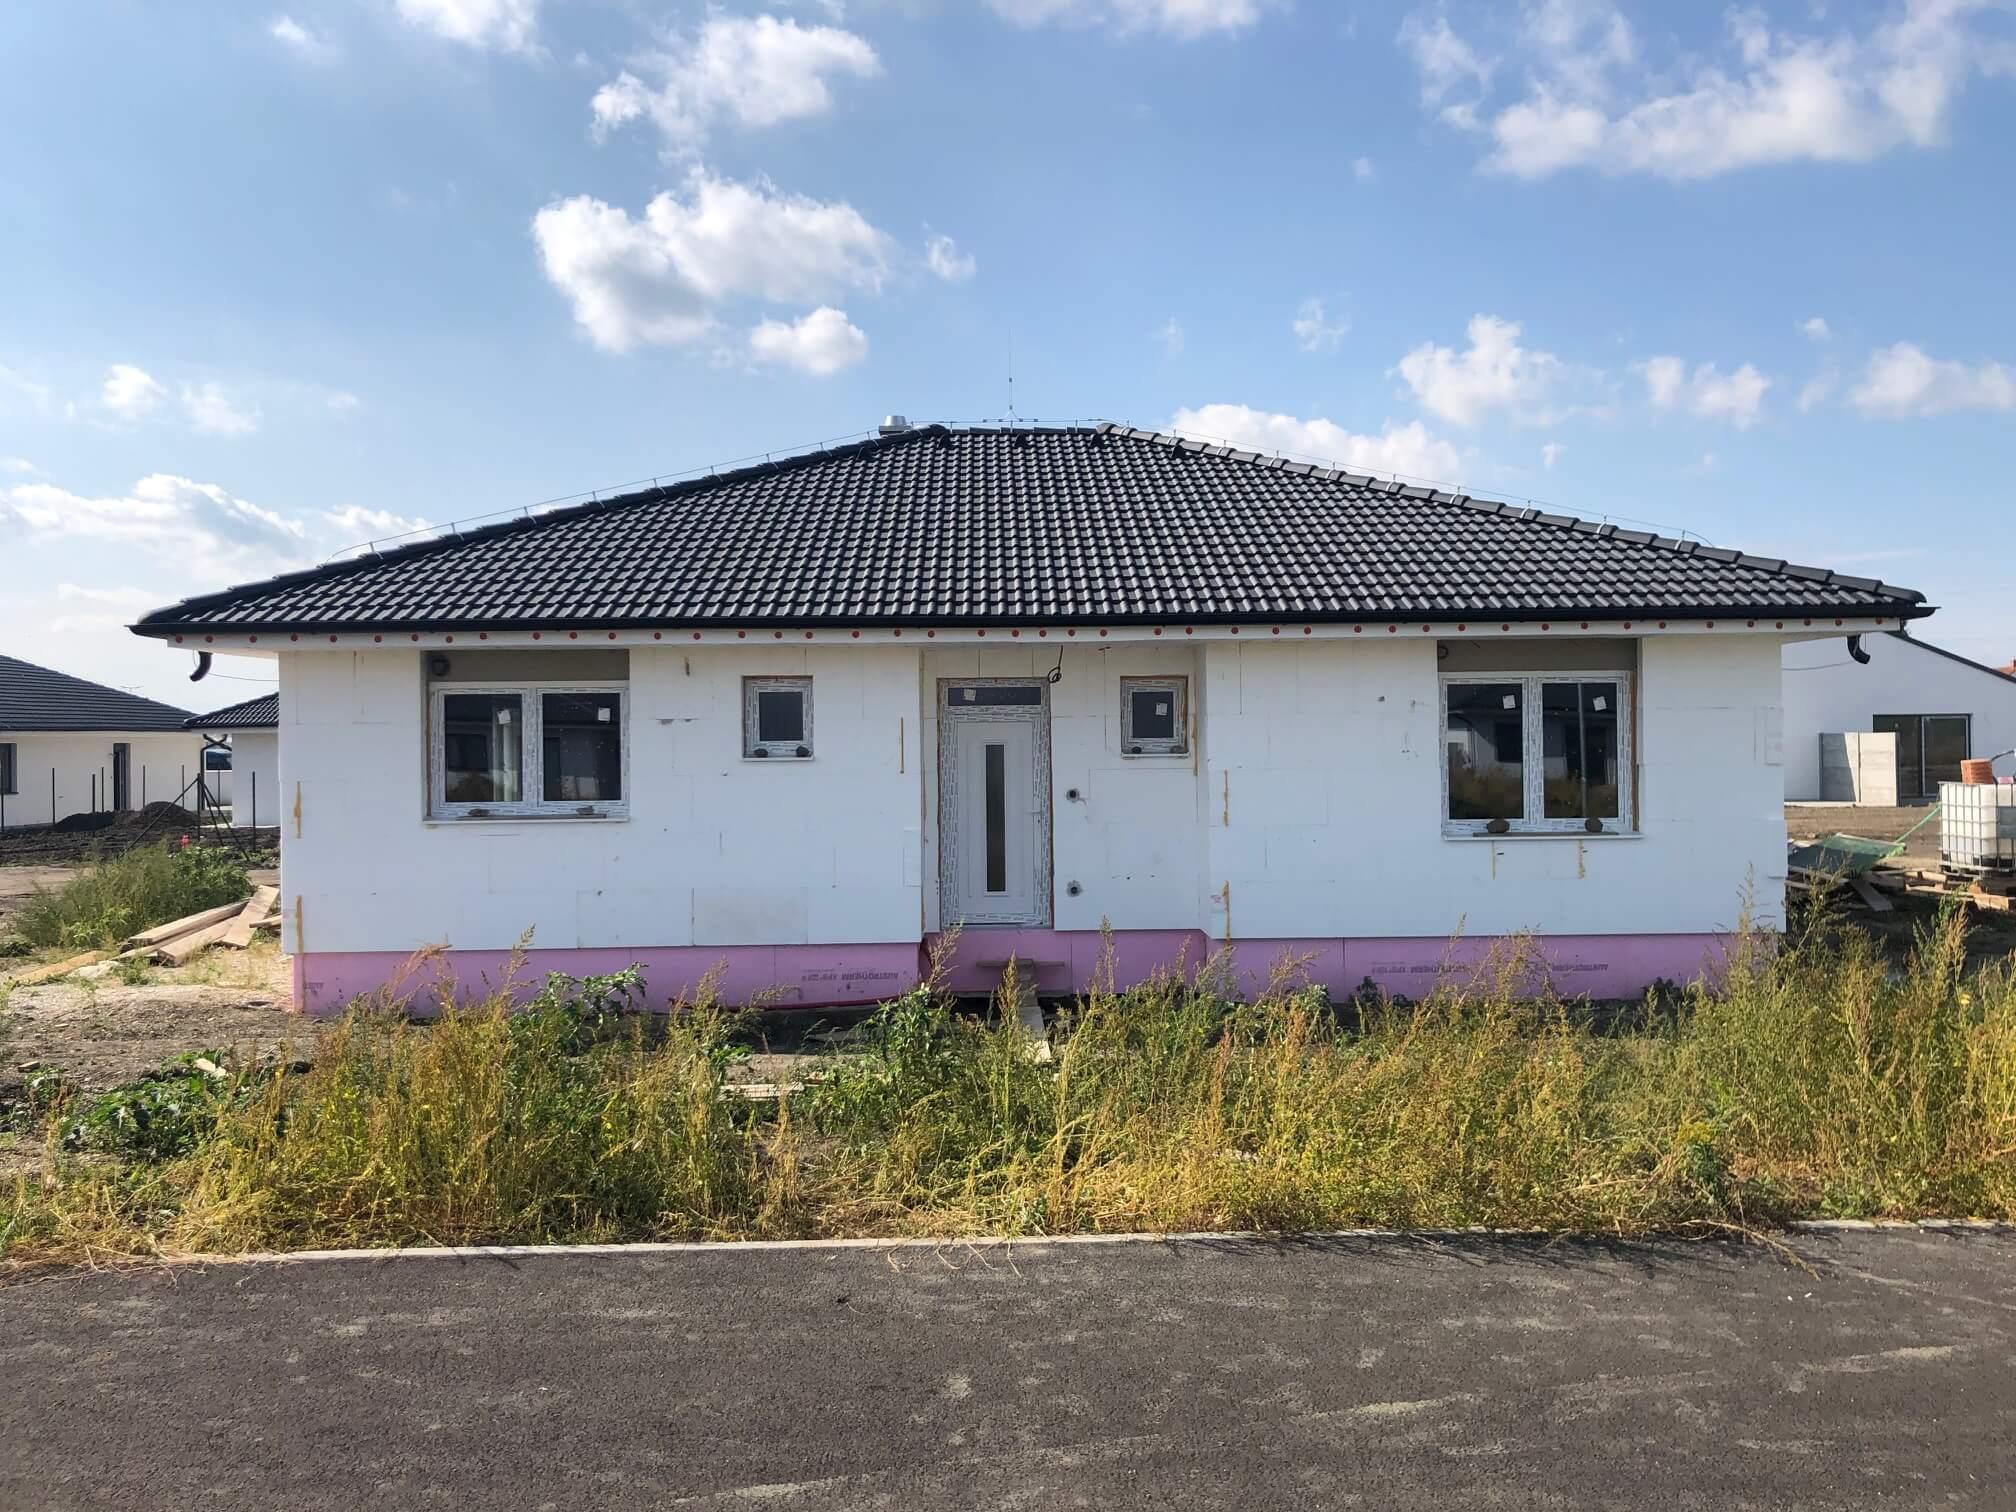 Predané: Exkluzívne 4 izbový Rodinný dom BUNGALOV 116m2, Miloslavov, pozemok 600m2-0